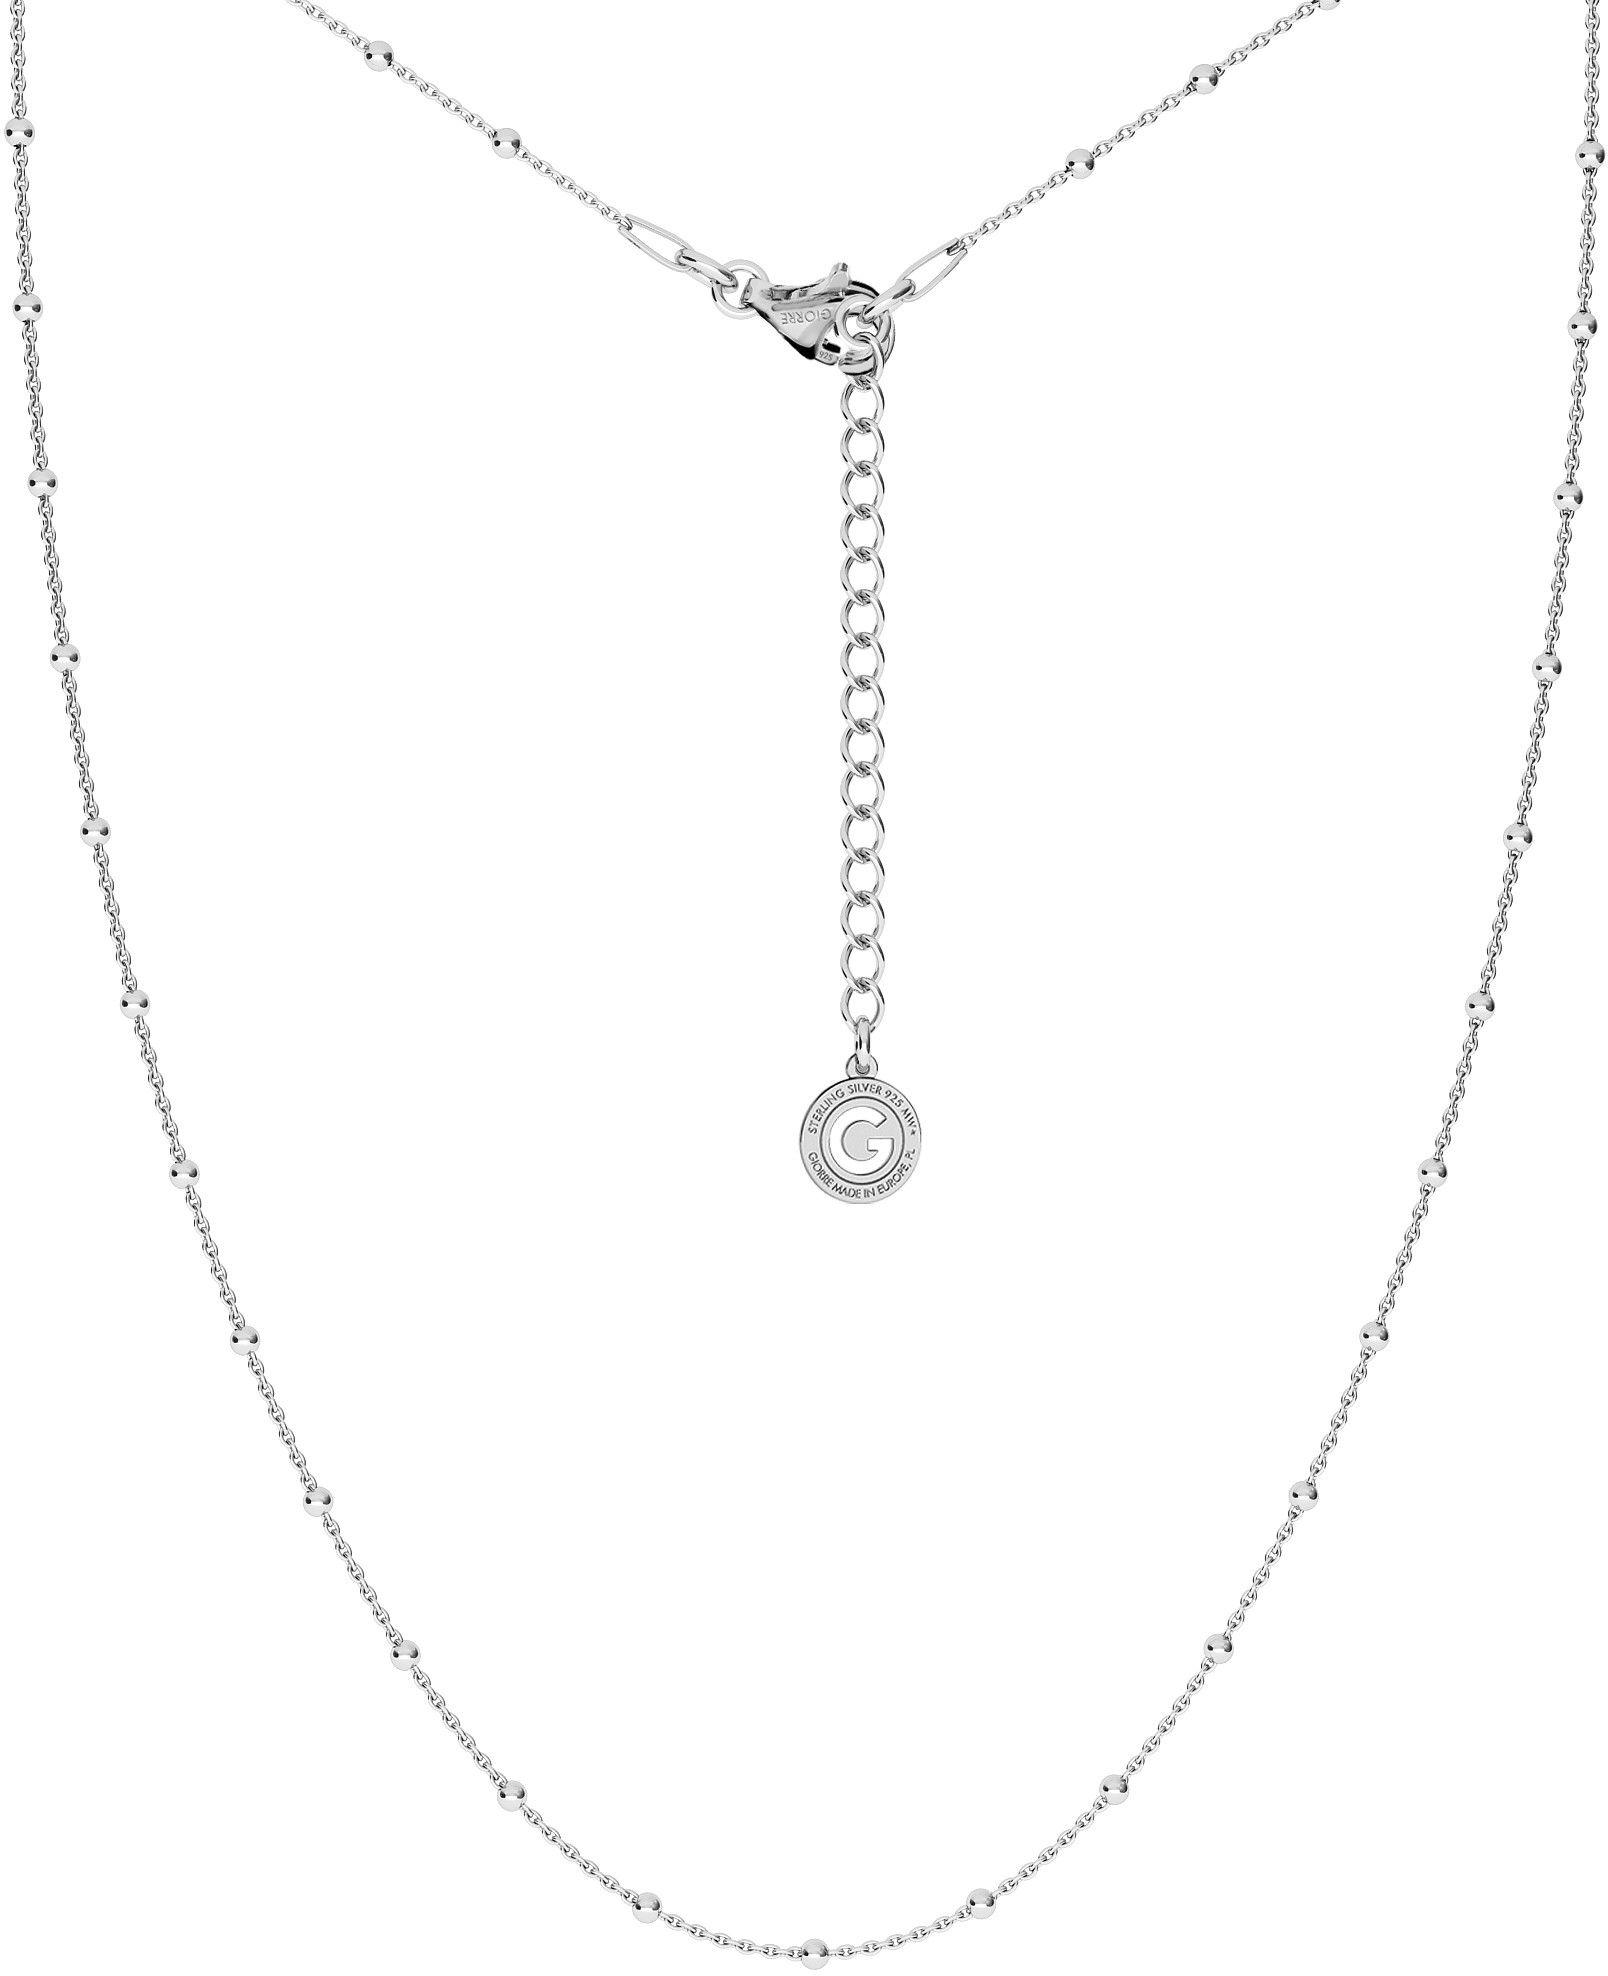 Srebrny delikatny łańcuszek ankier z kulkami, srebro 925 : Długość (cm) - 45 + 5, Srebro - kolor pokrycia - Pokrycie platyną